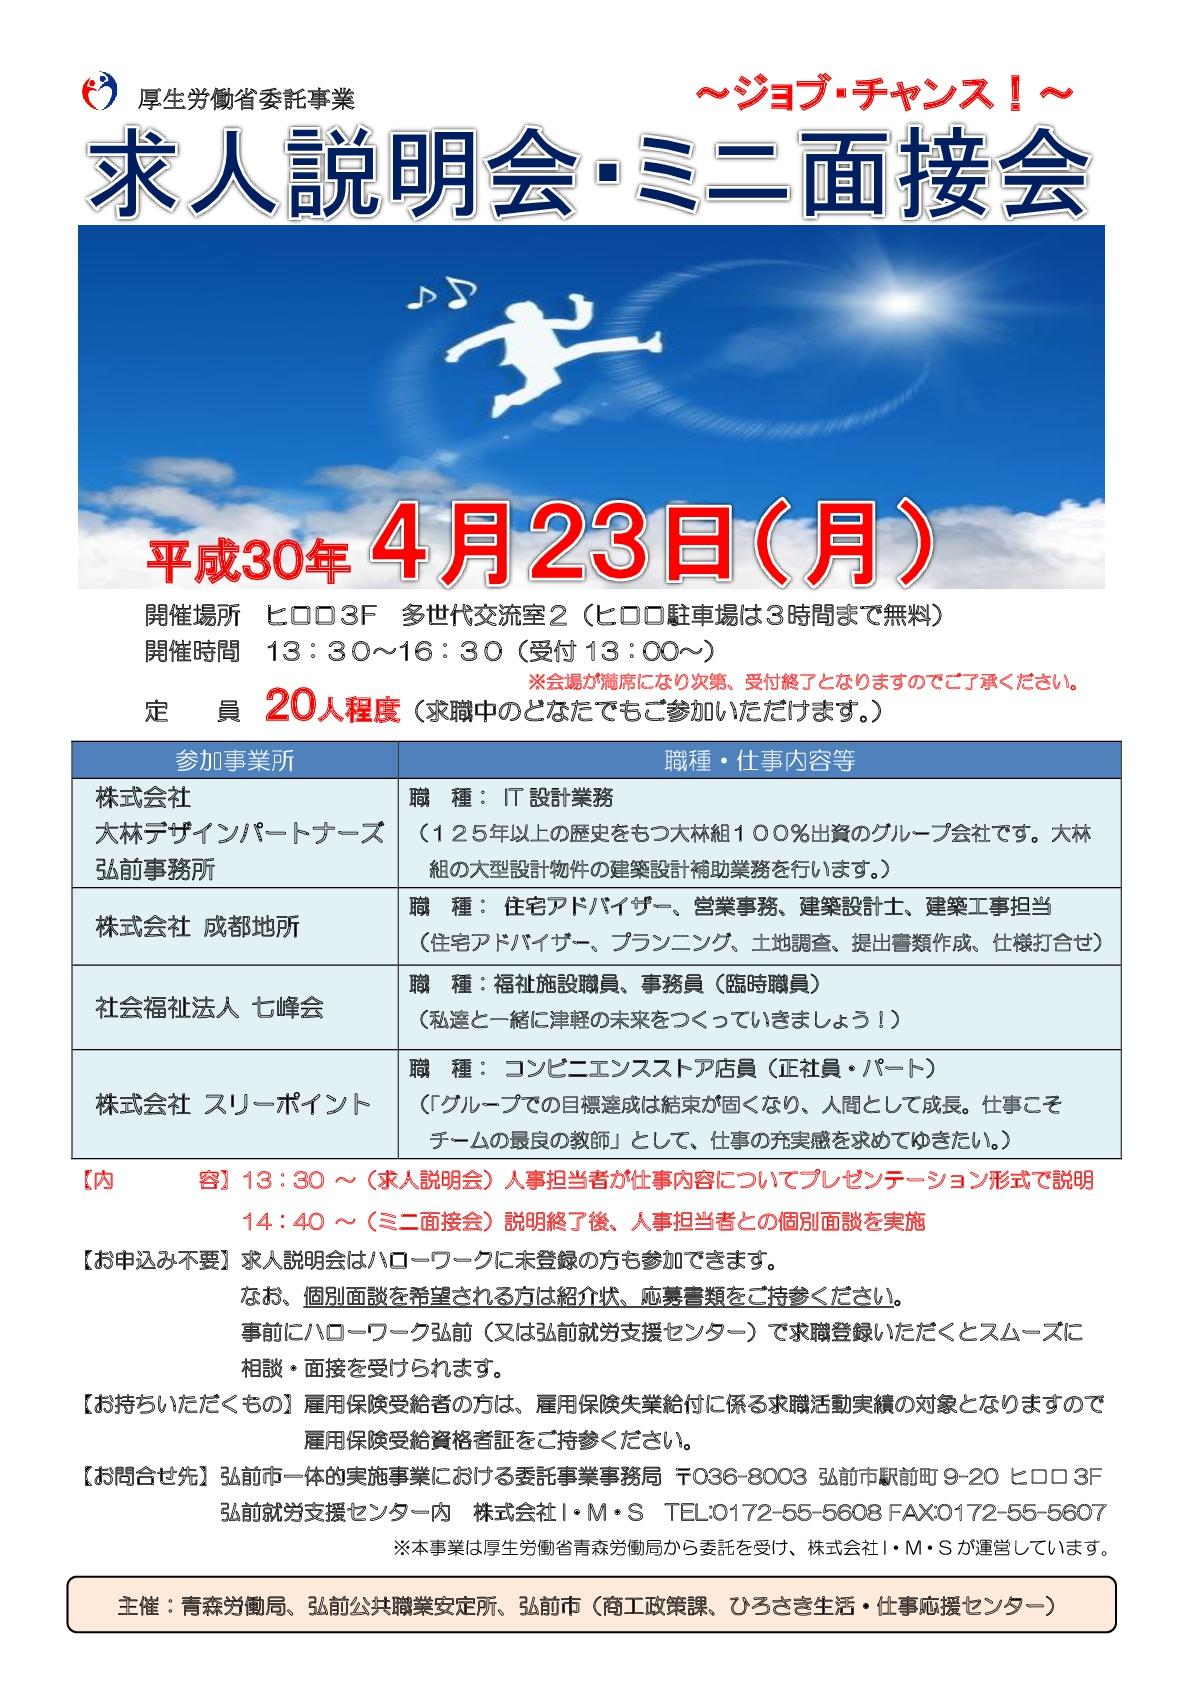 ミニ面接会4月23日リーフレット-001.jpg